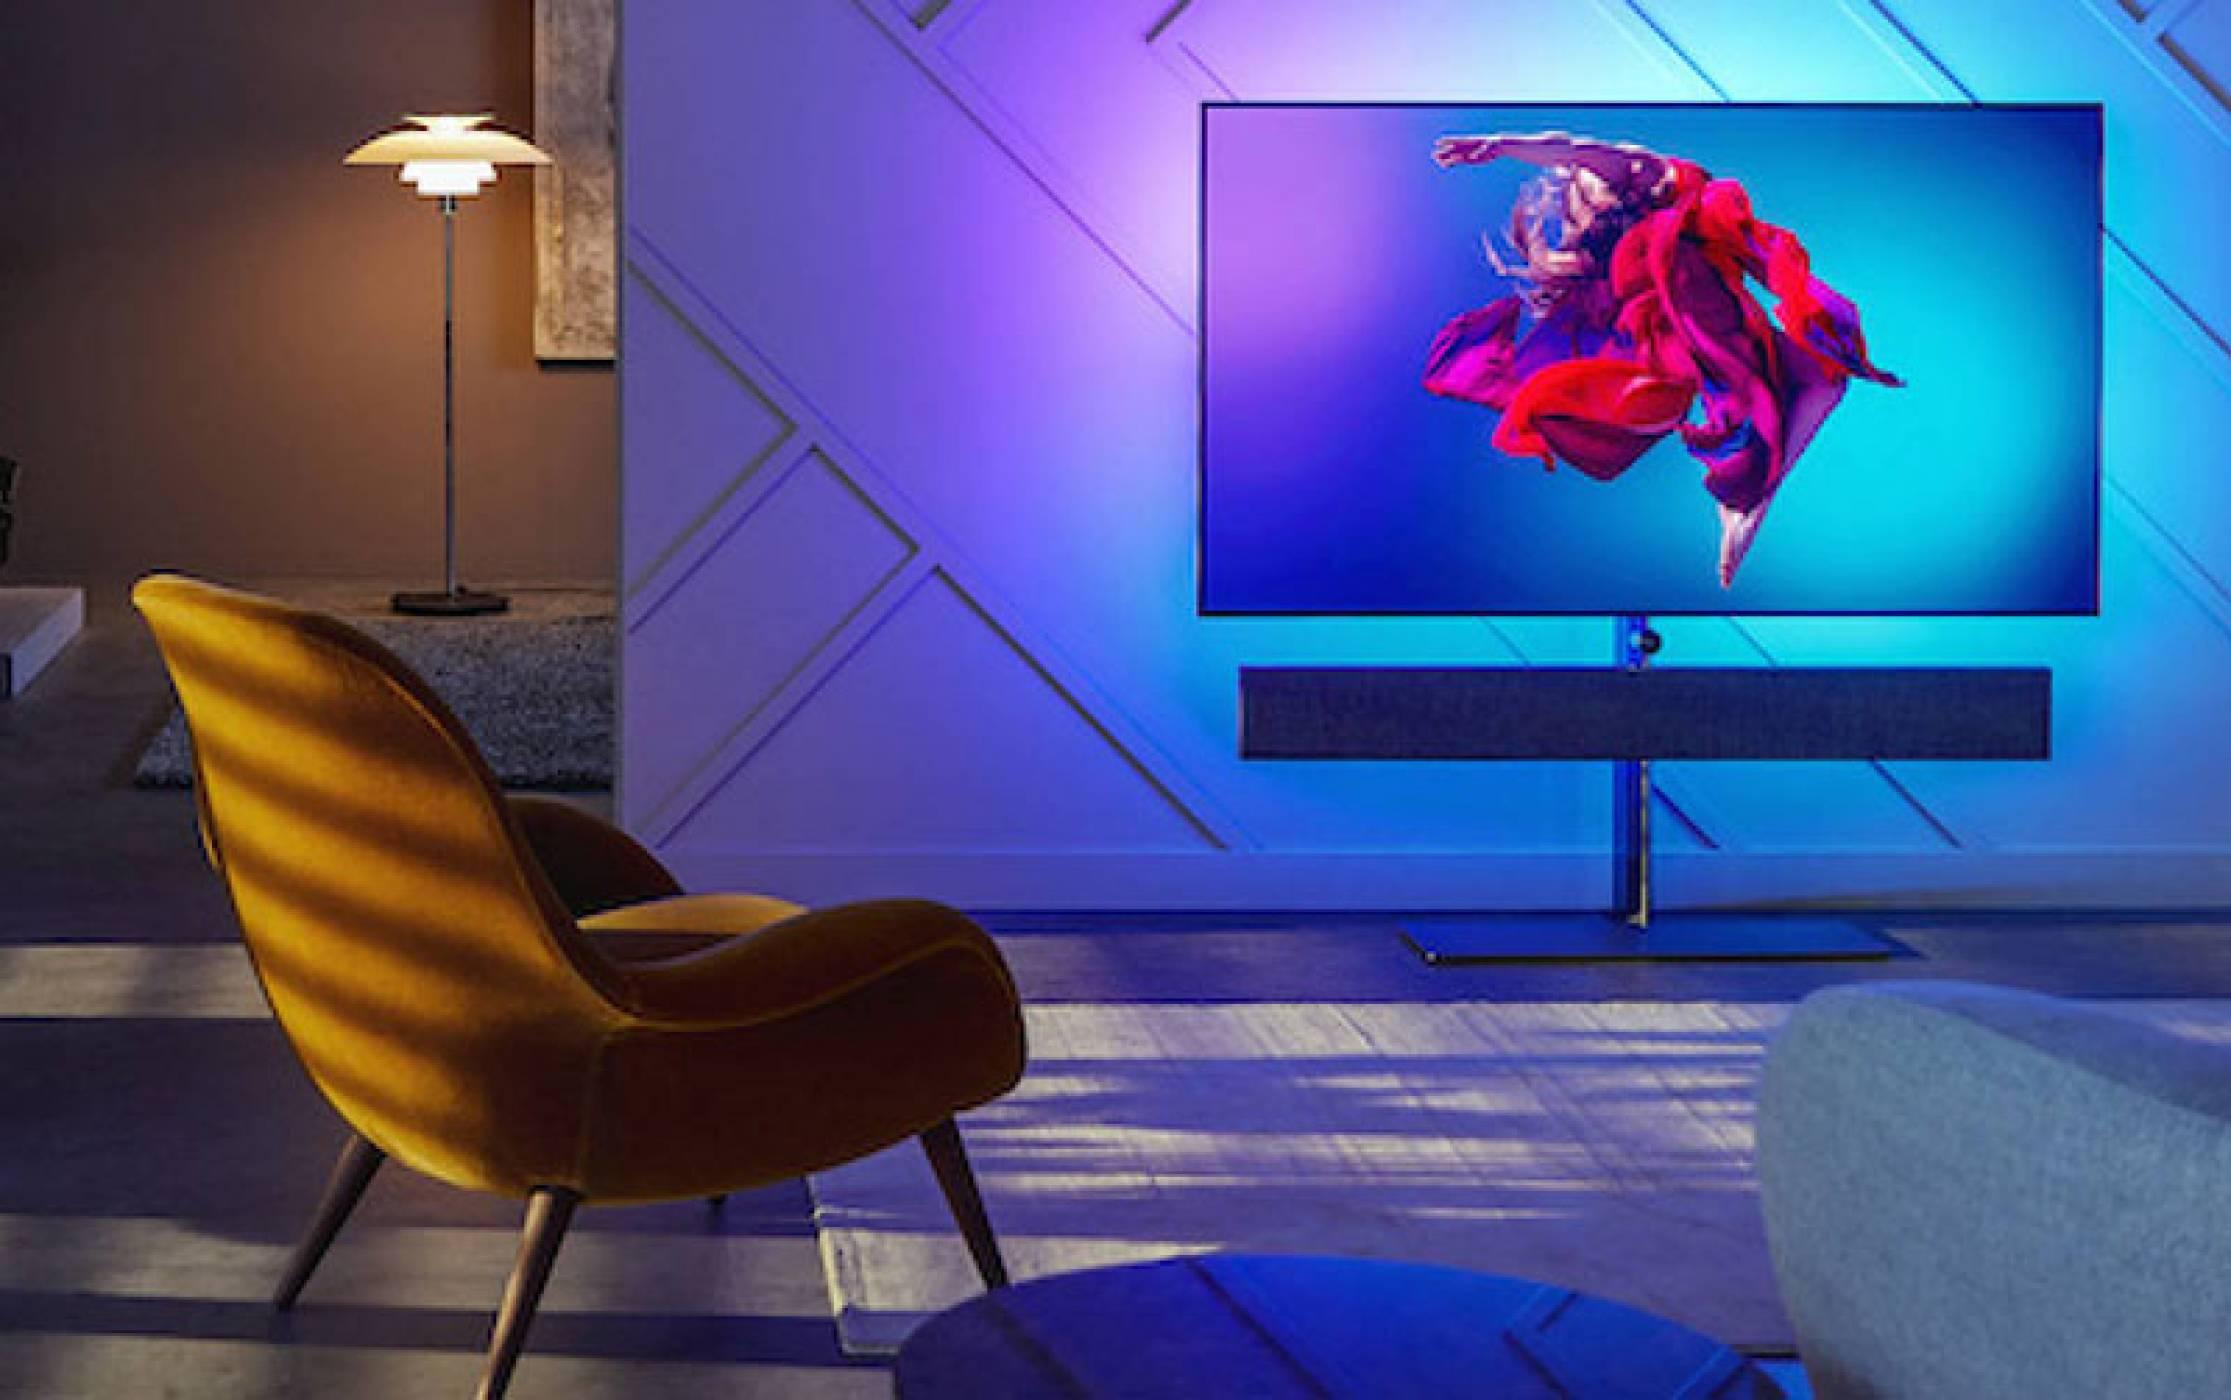 Приликите и разликите между 4-те актуални OLED телевизора от високия клас на Philips